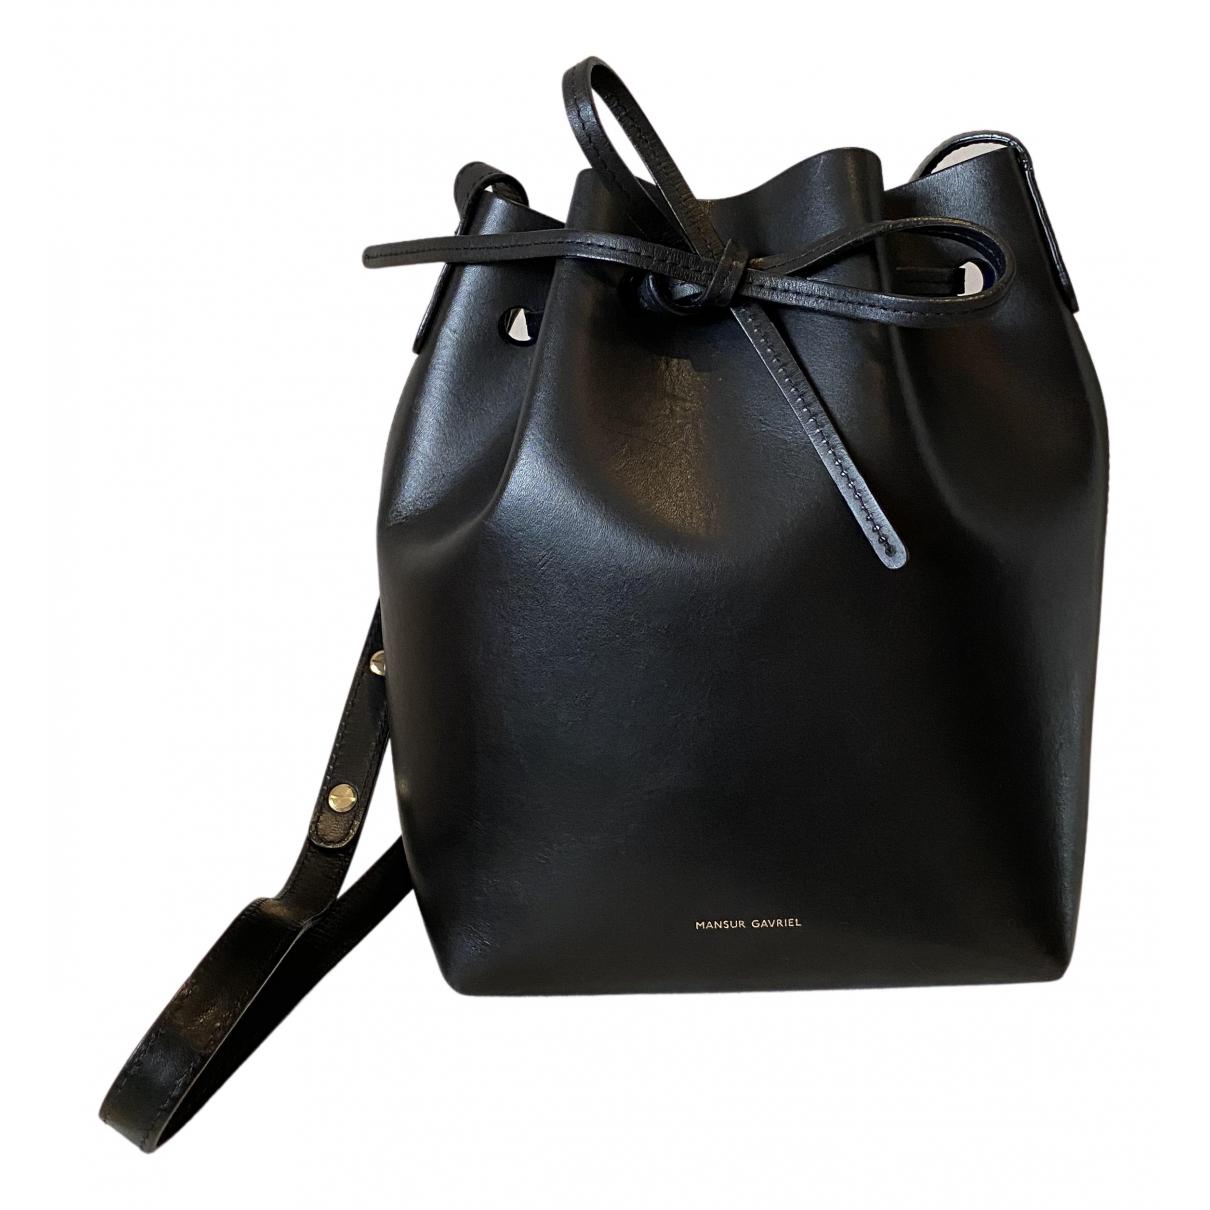 Mansur Gavriel - Sac a main Bucket pour femme en cuir - noir